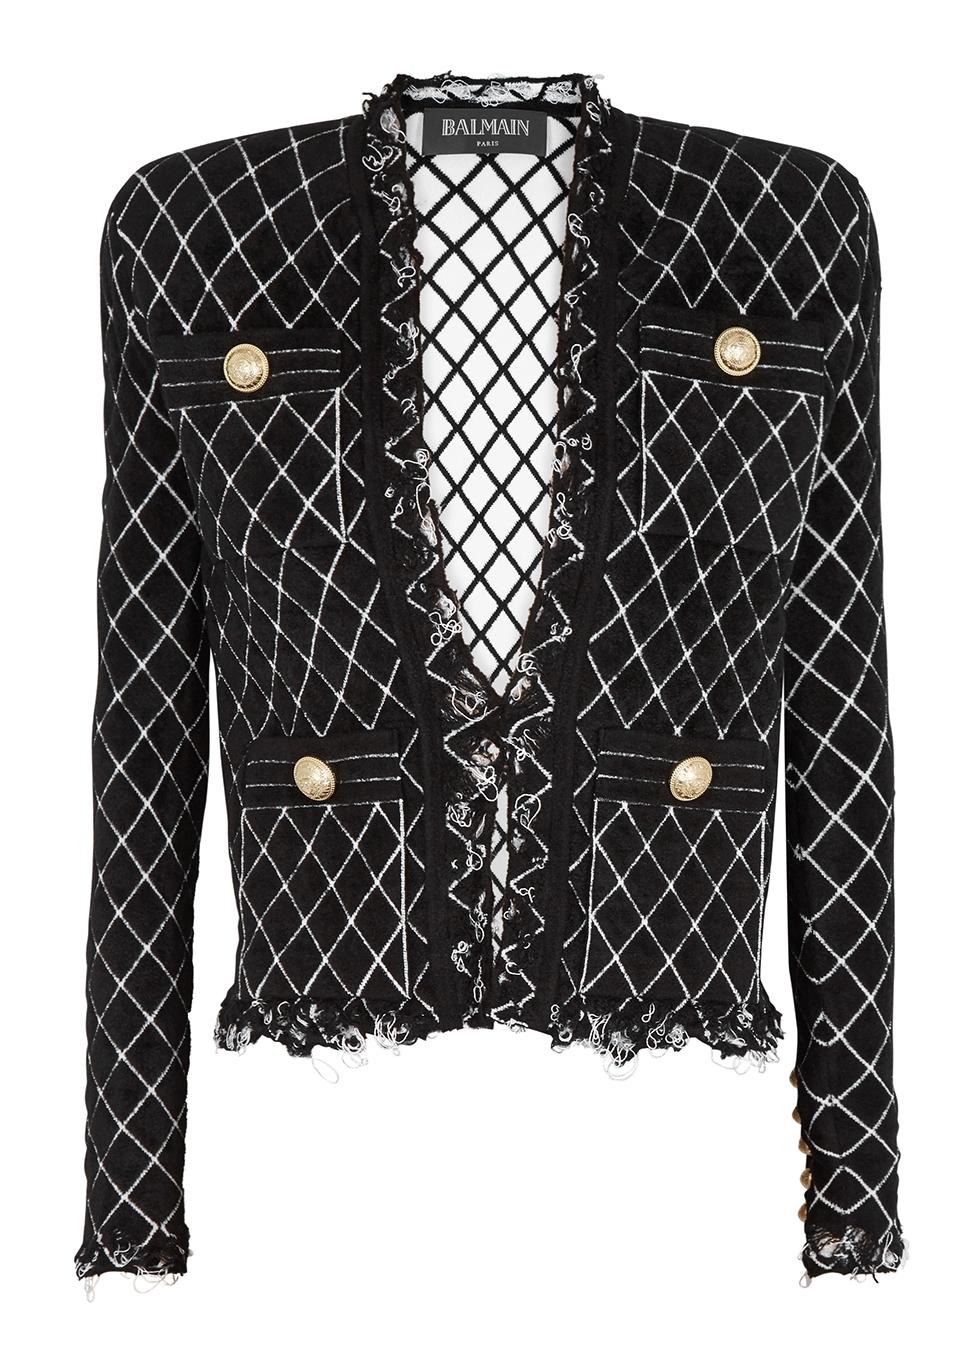 cb8b616f Balmain - Designer Jeans, Perfume & T-Shirts - Harvey Nichols